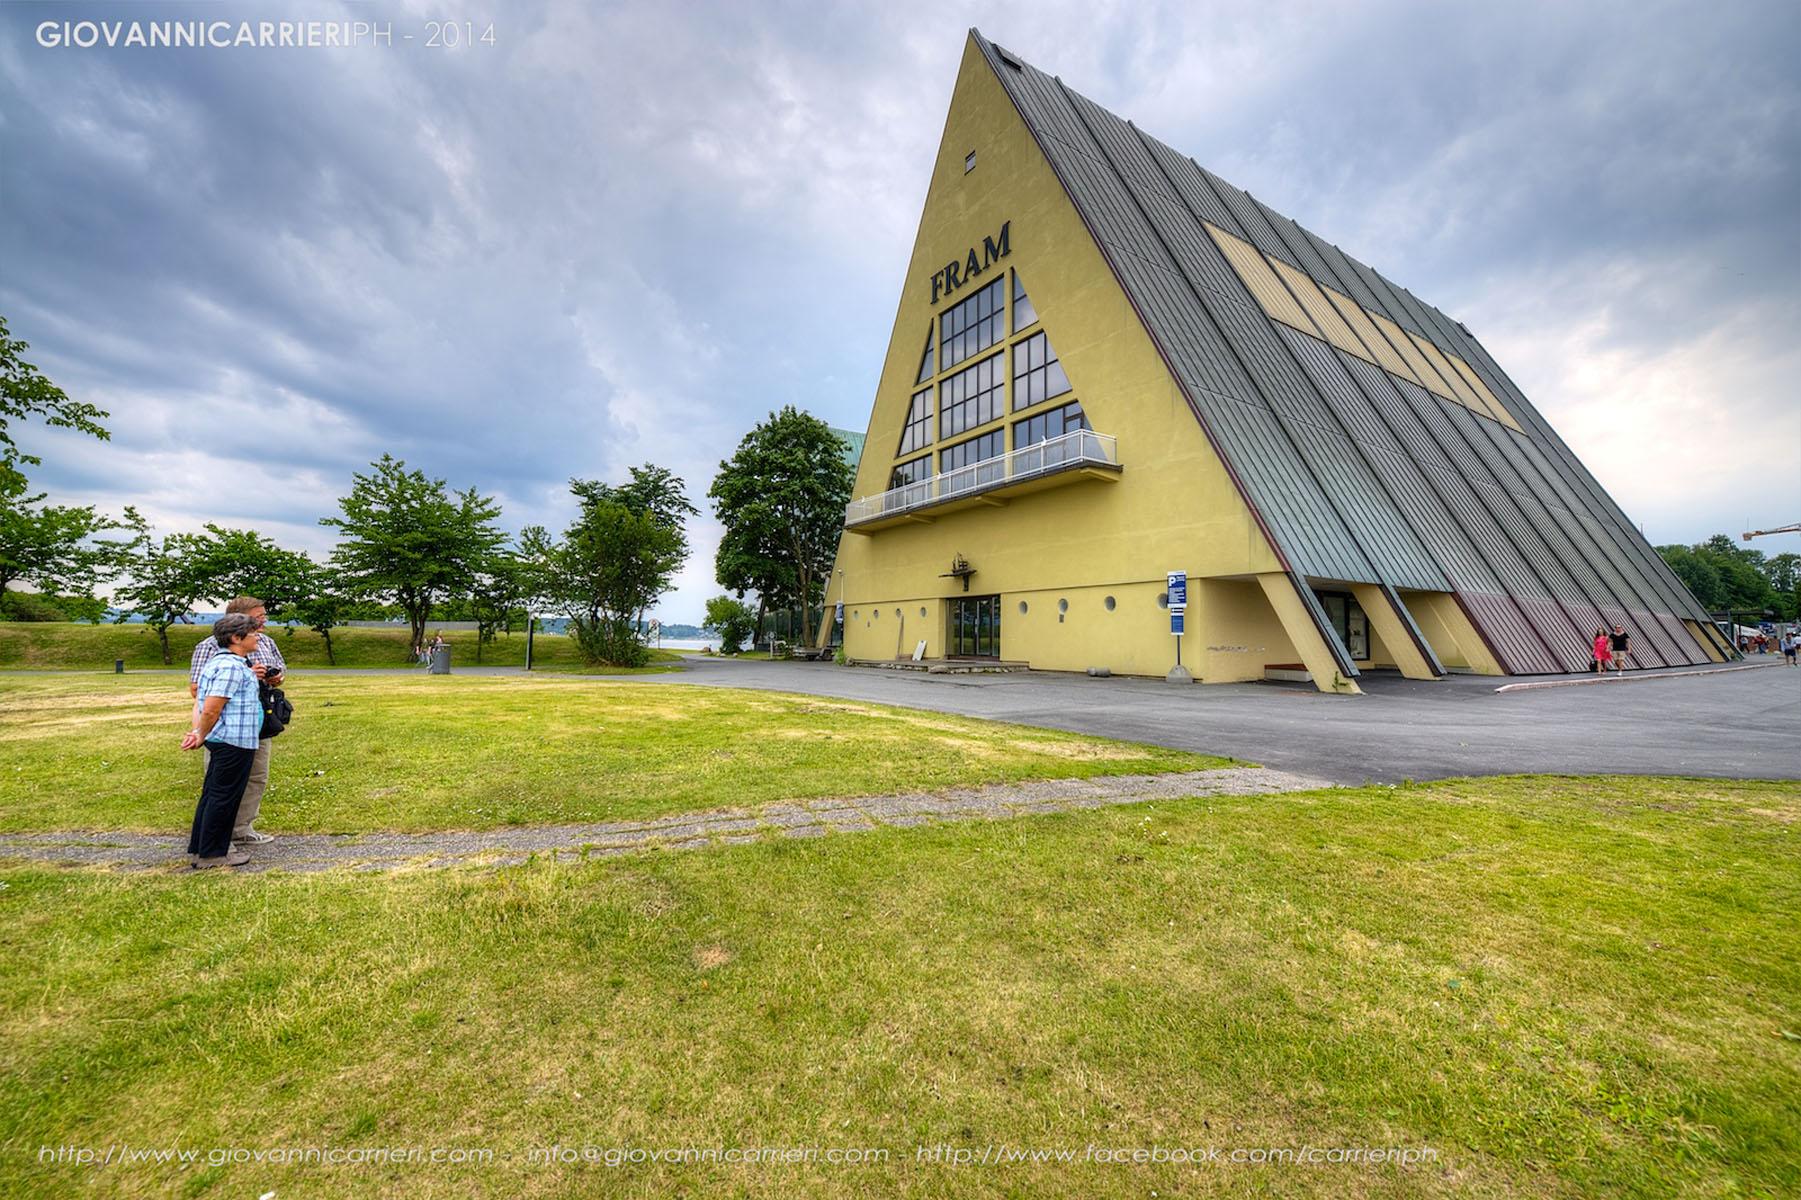 Il museo Framm di Oslo, vista esterna